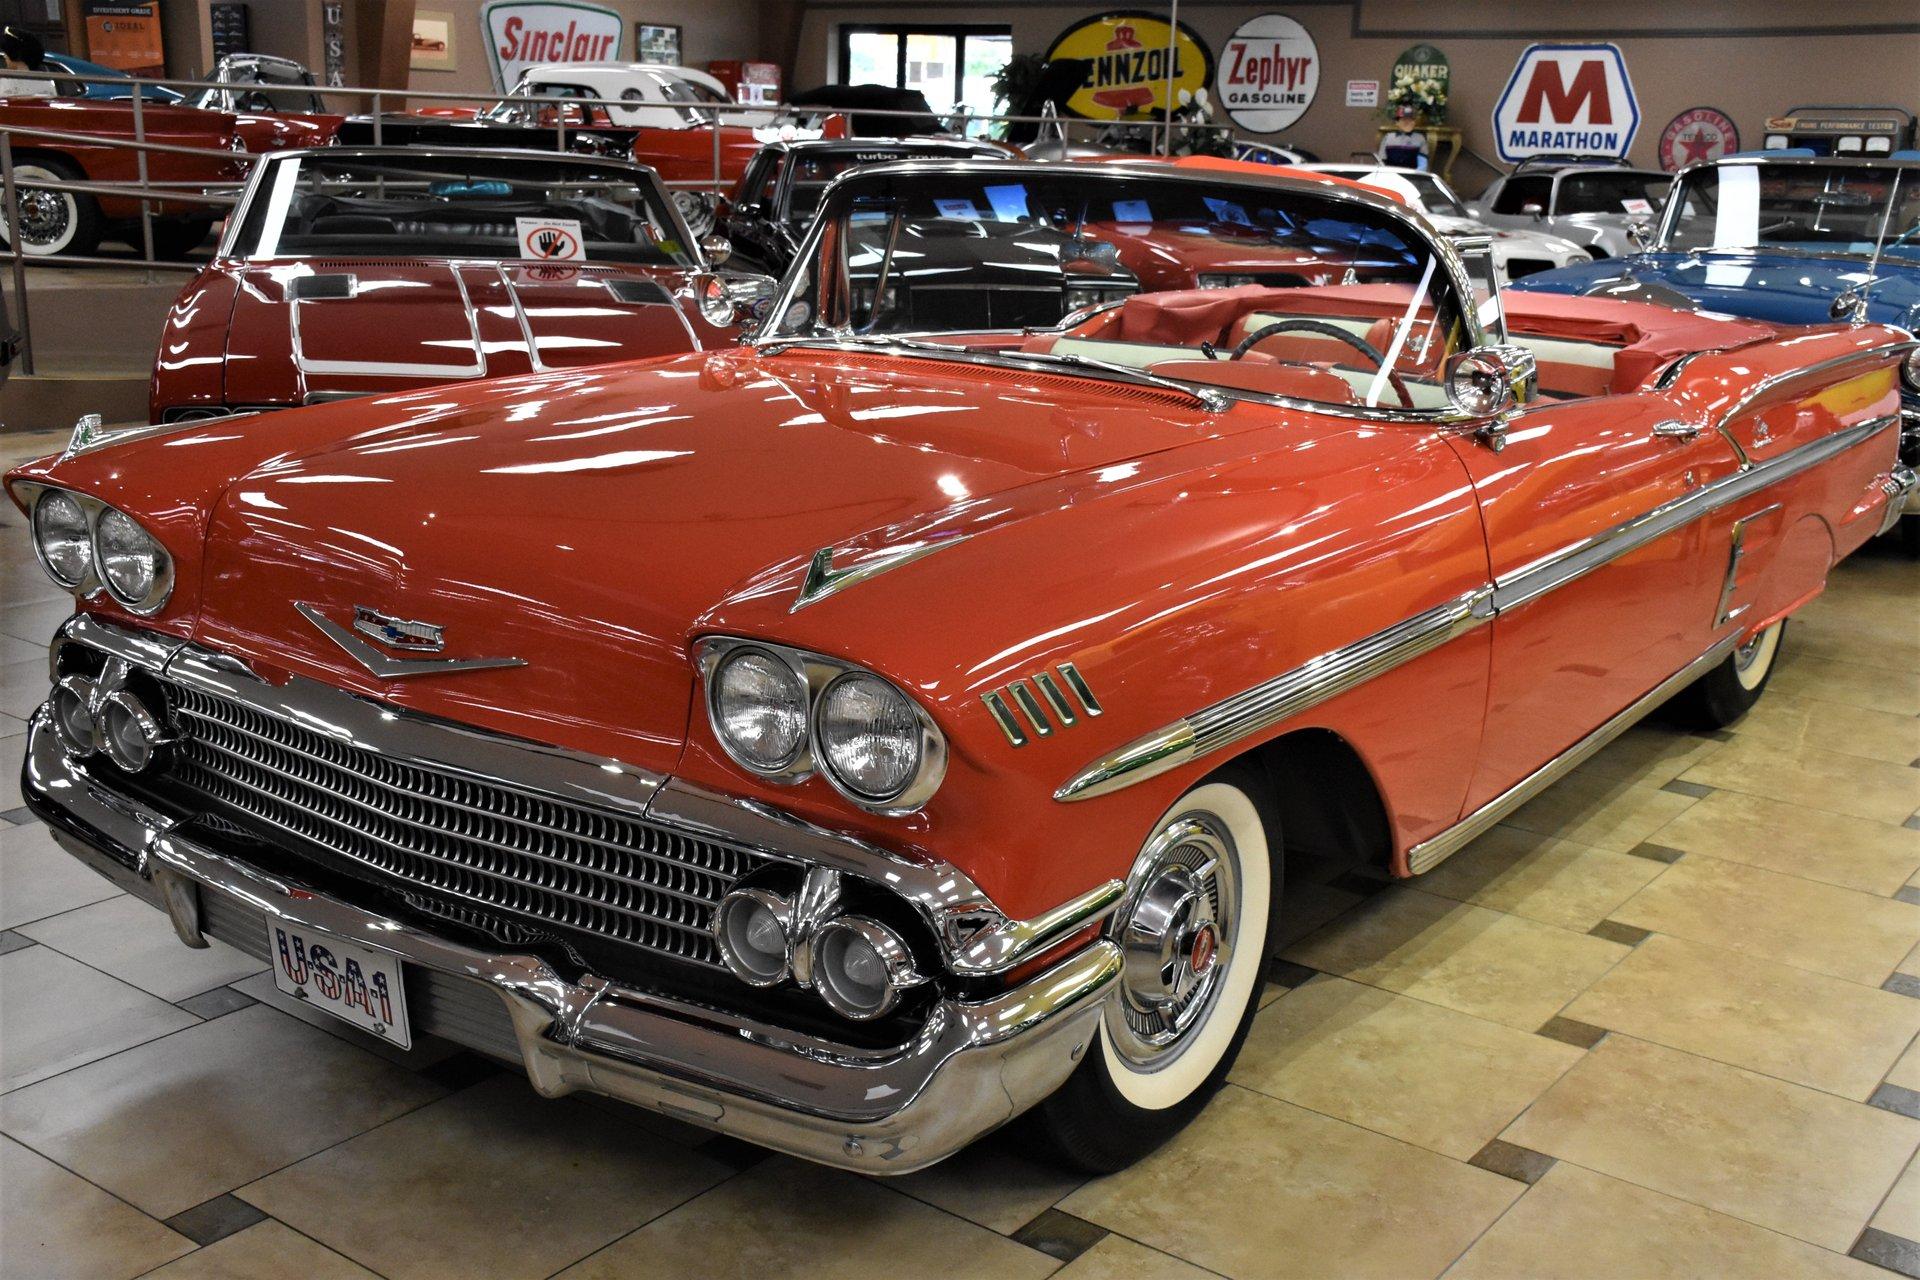 Kelebihan Kekurangan Chevrolet Impala 1958 Top Model Tahun Ini